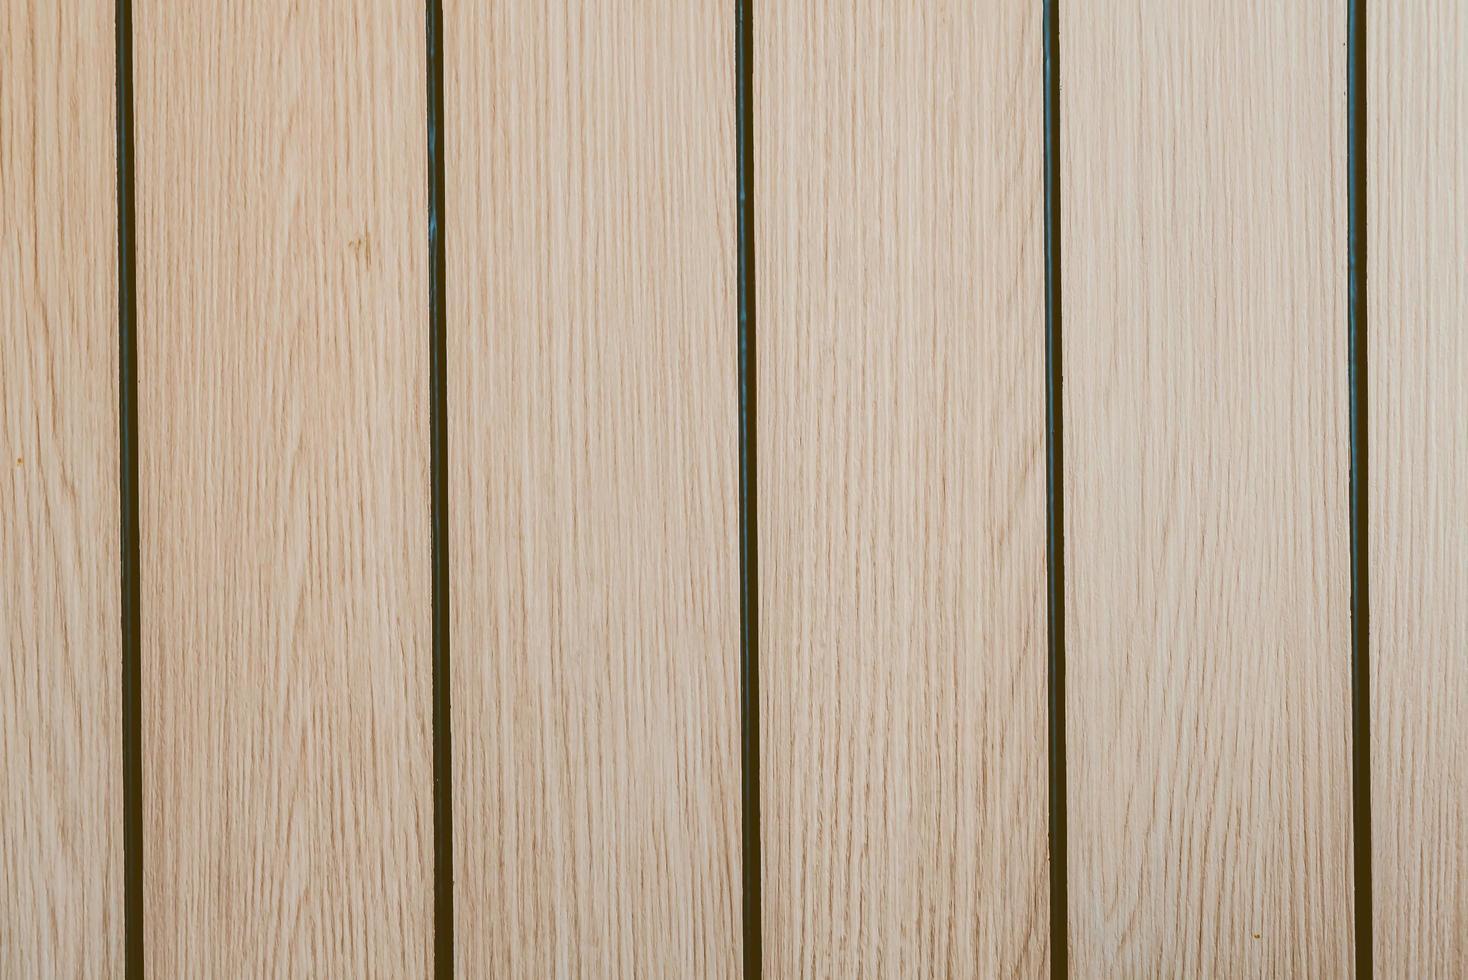 gamla trä texturer bakgrund foto